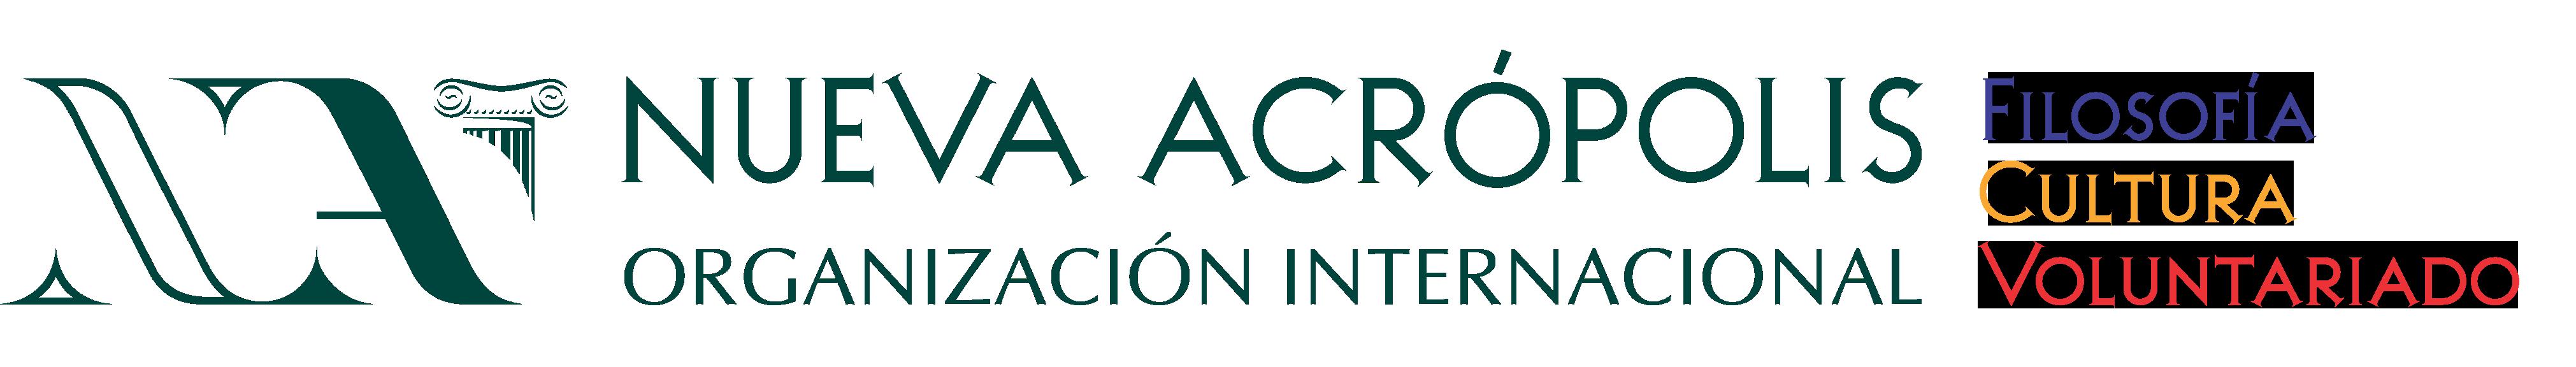 Logo_Nueva_Acropolis